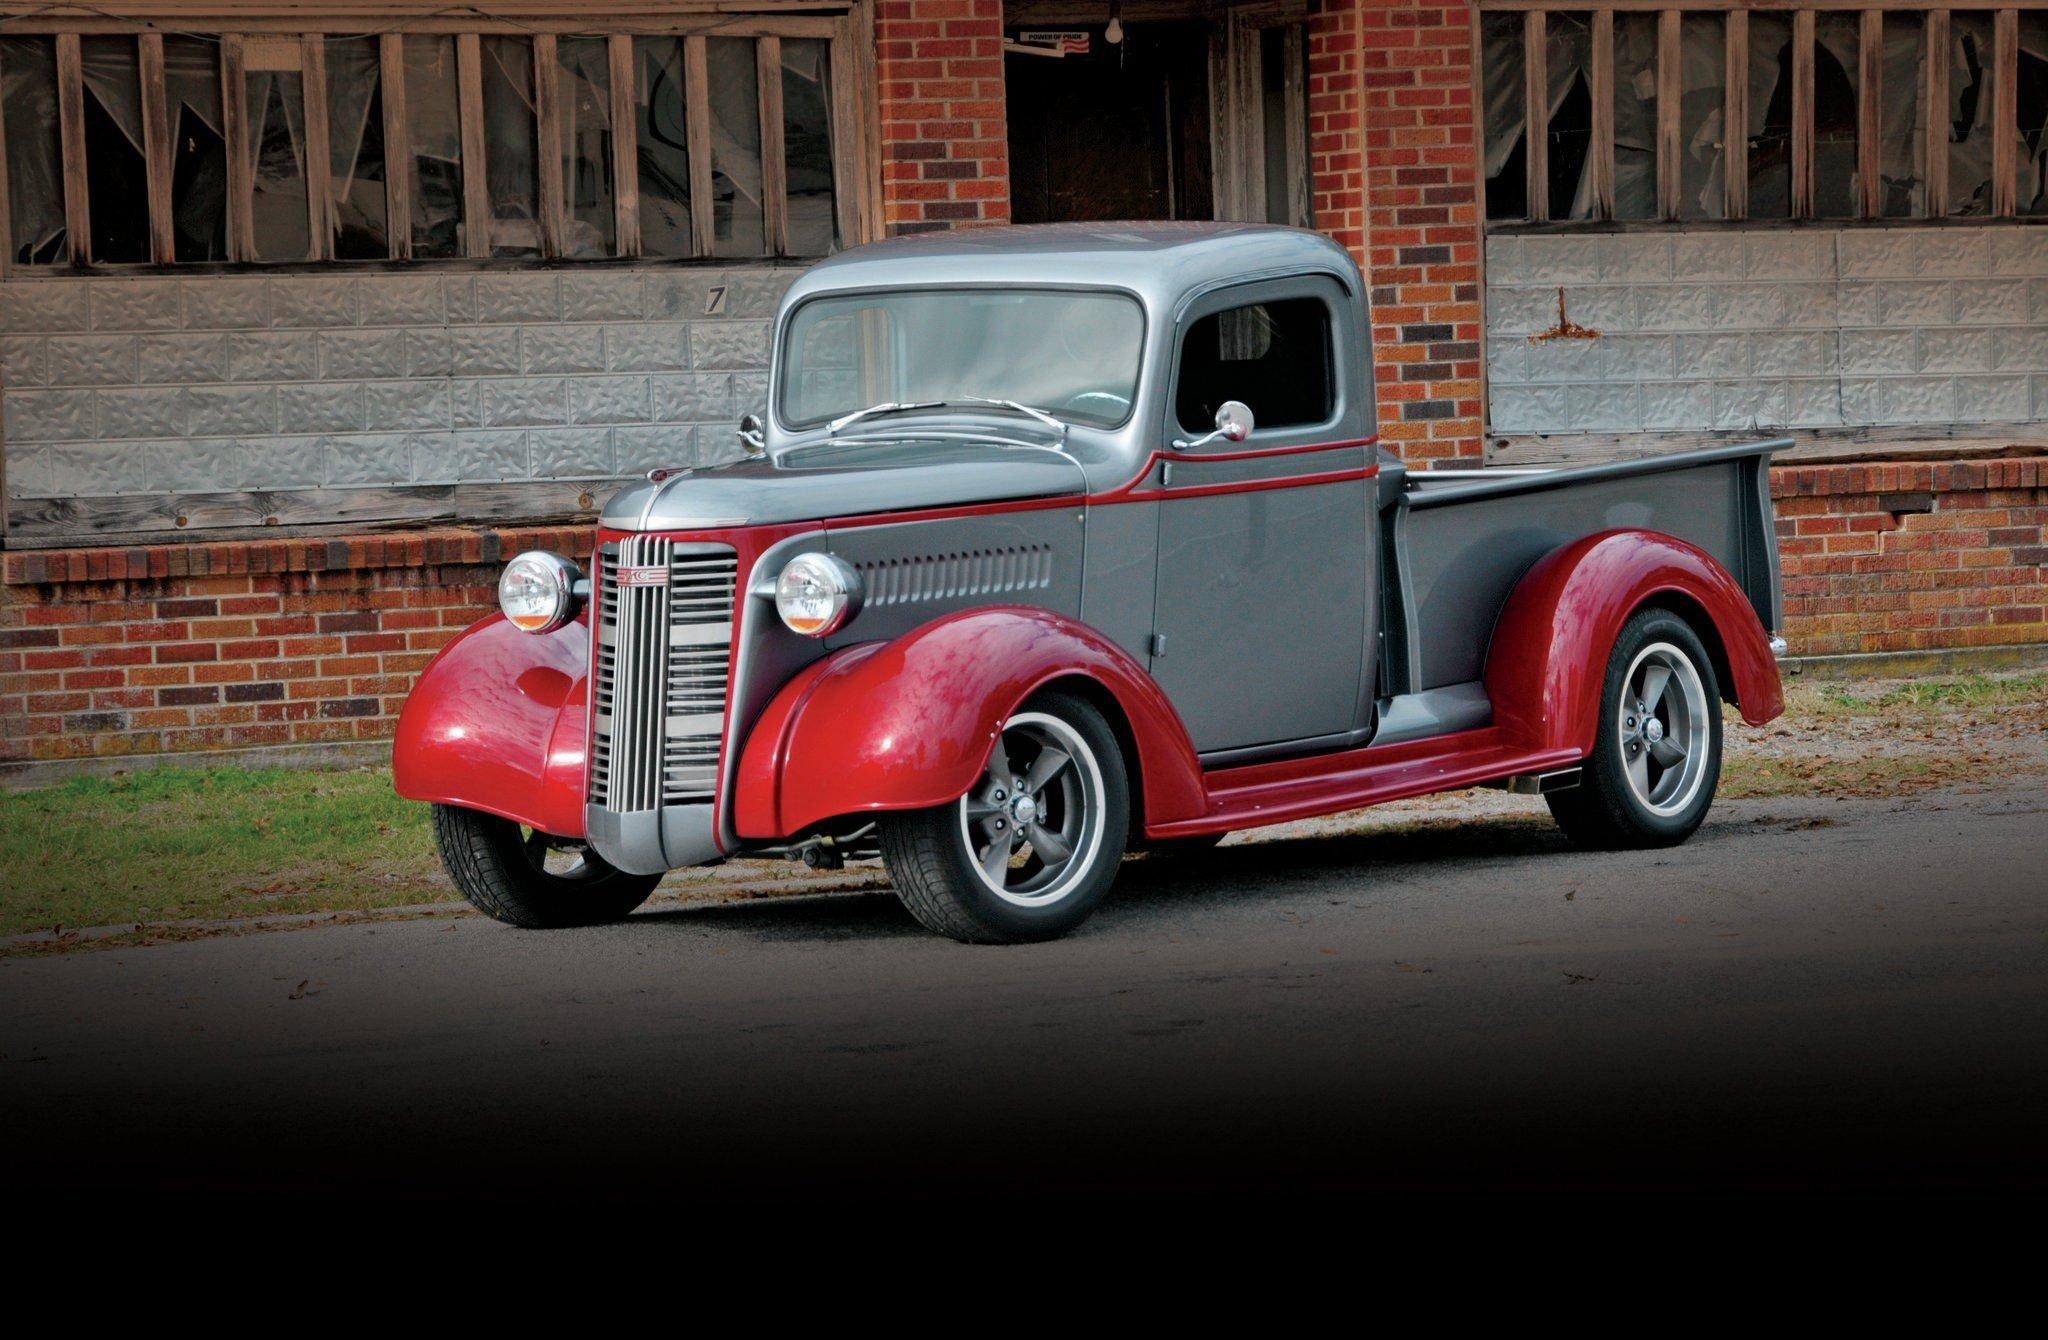 1937 GMC Truck-01 wallpaper